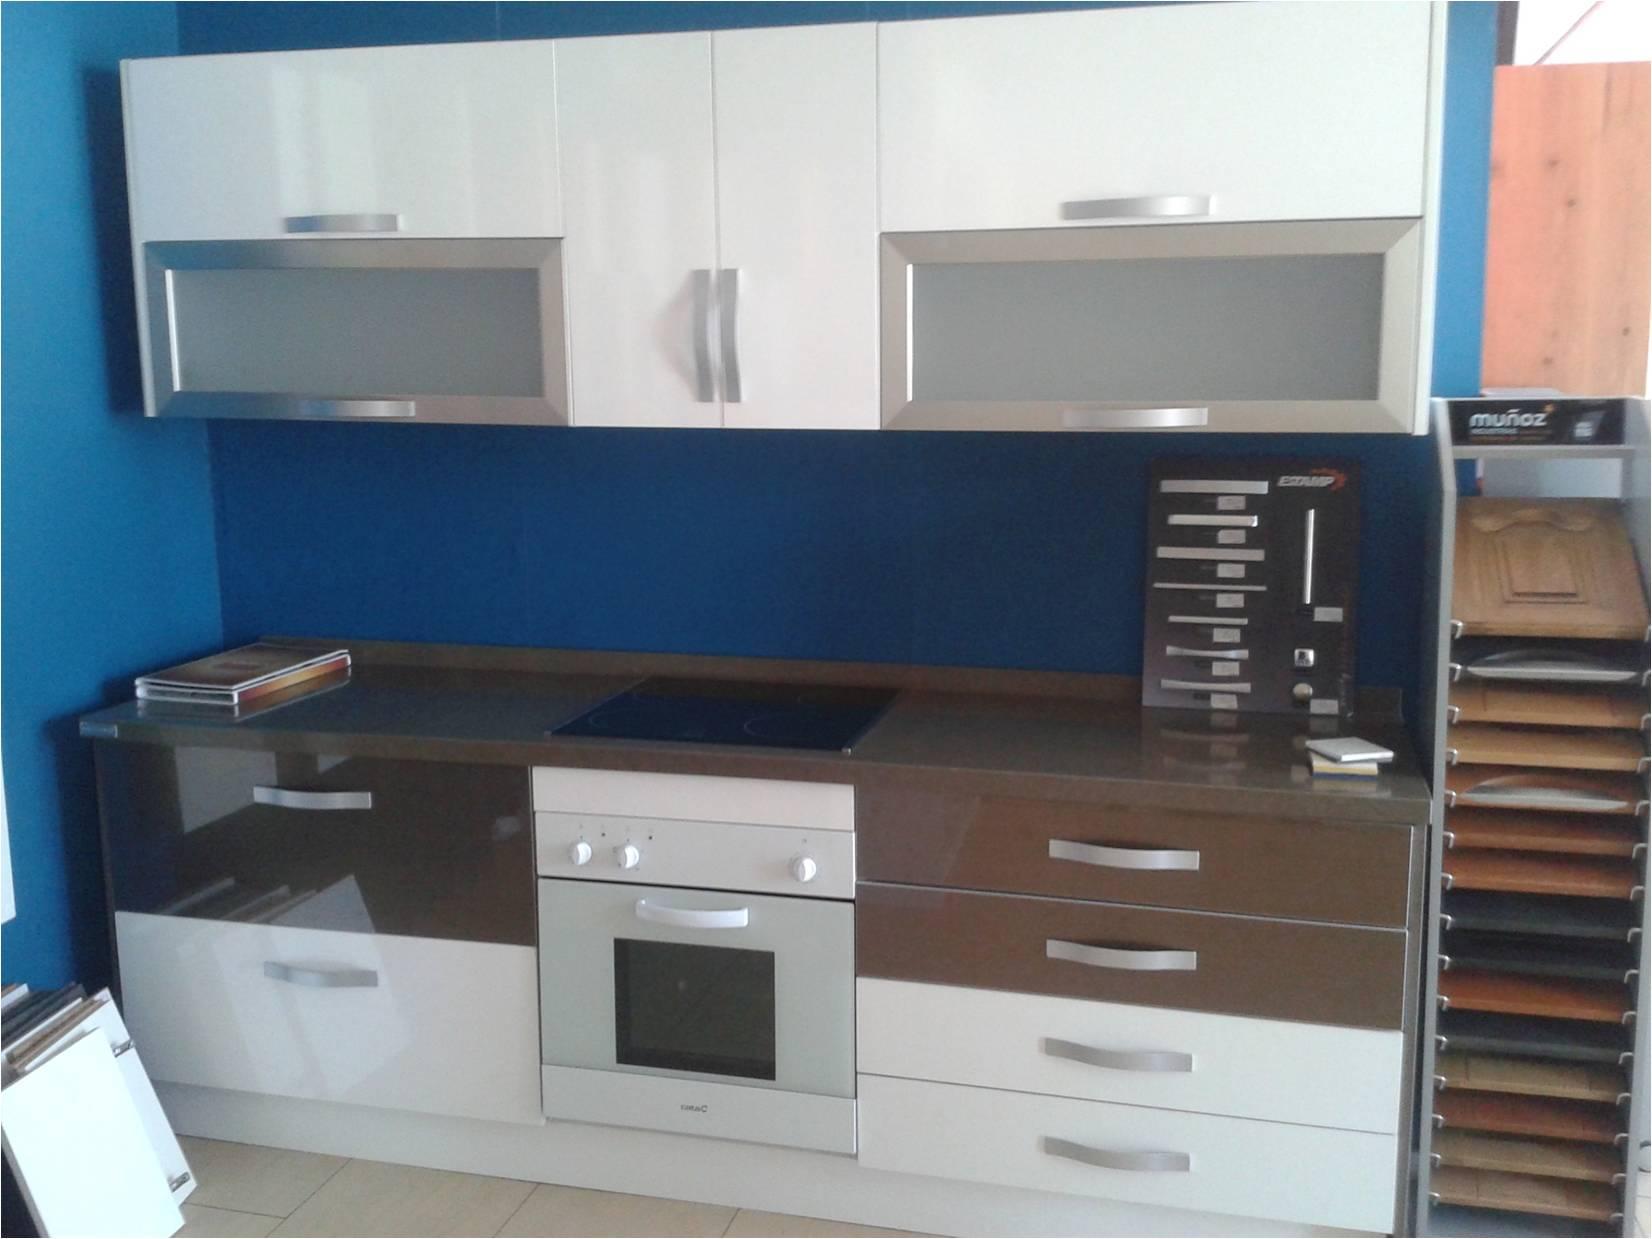 Liquidación exposiciones muebles cocina